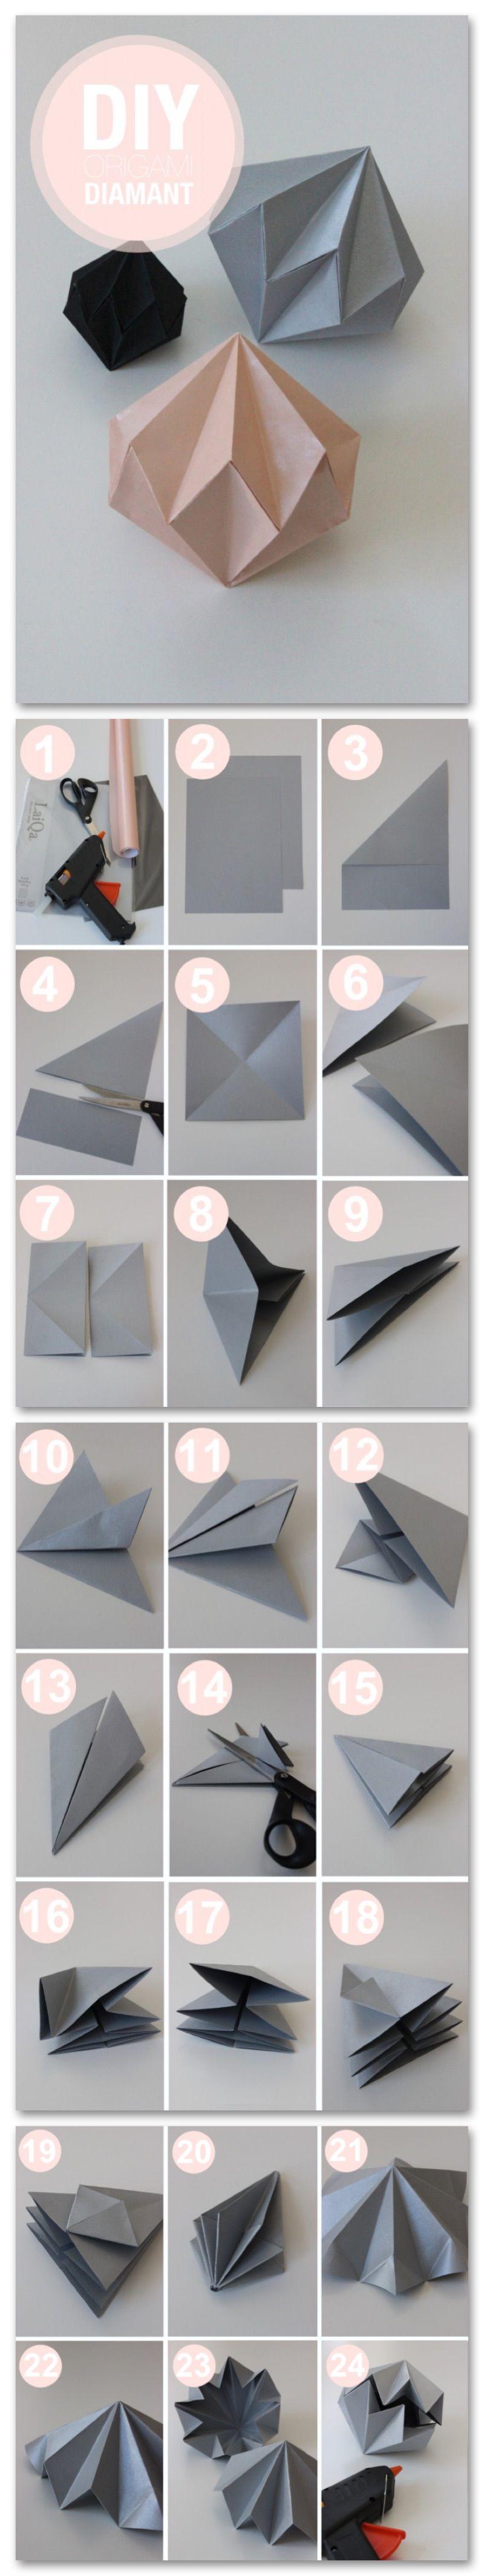 Origami diamant.